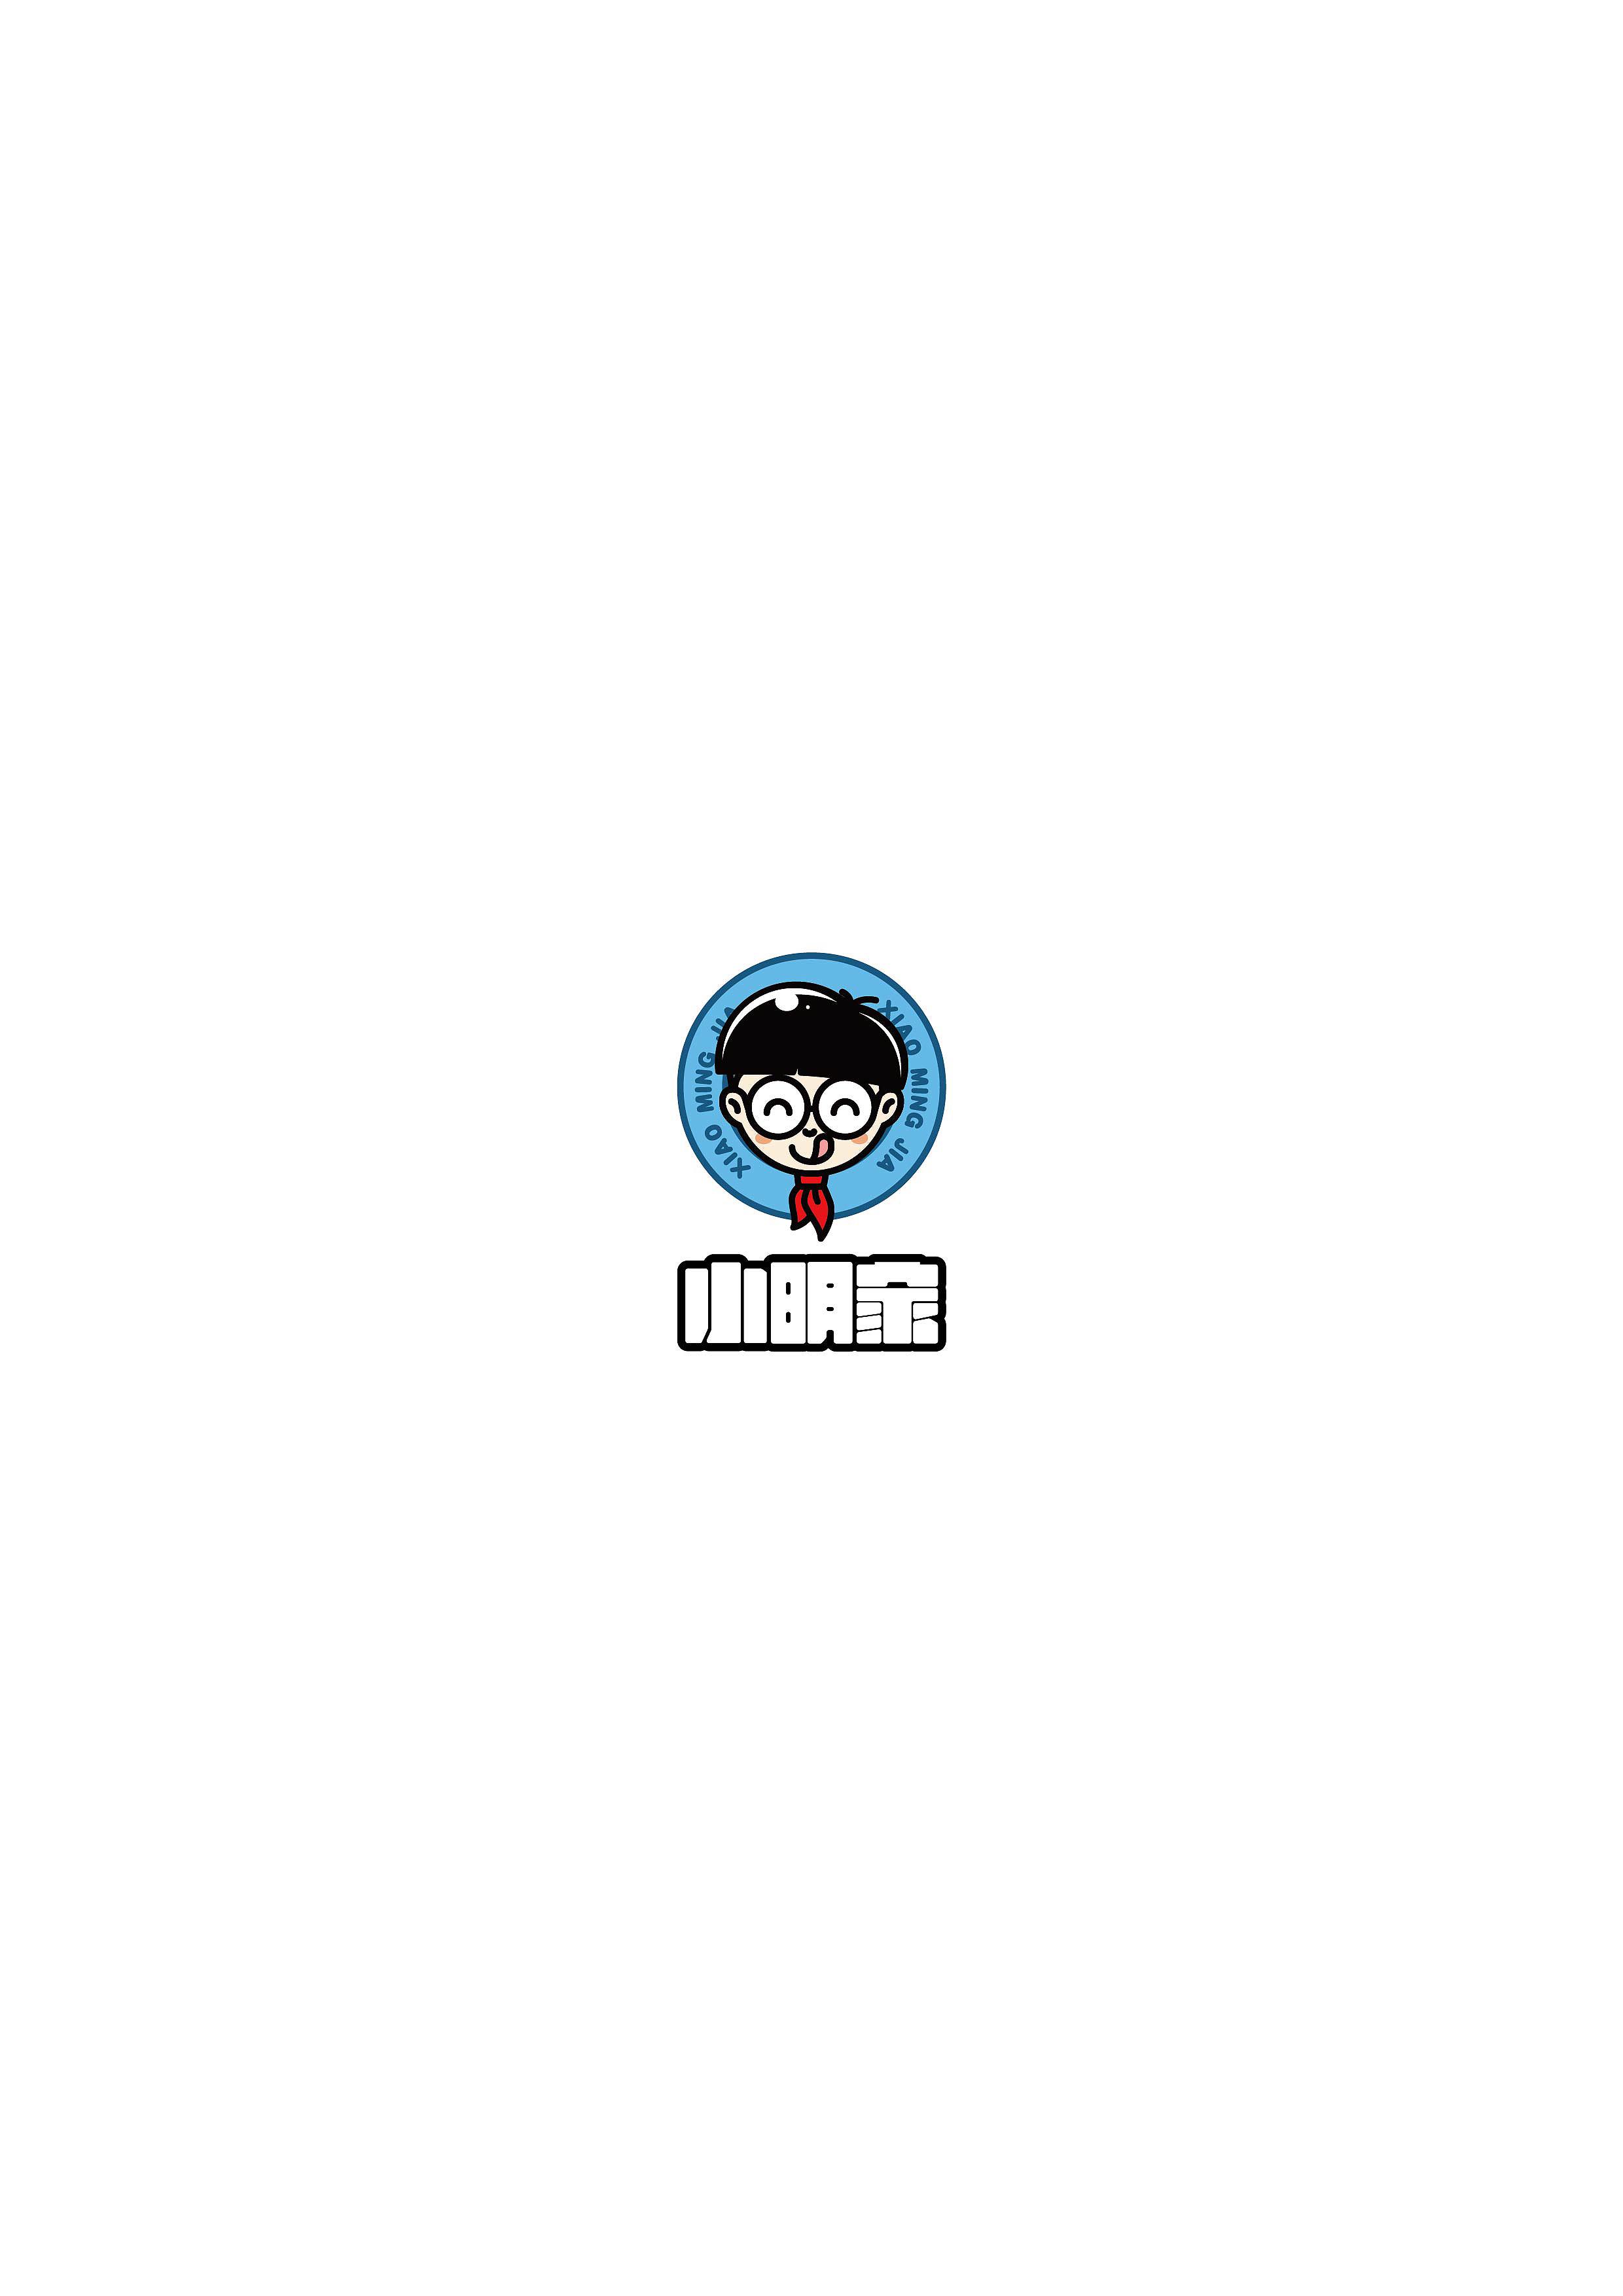 LOGO VI视觉 包装设计 封面设计 卡片设计